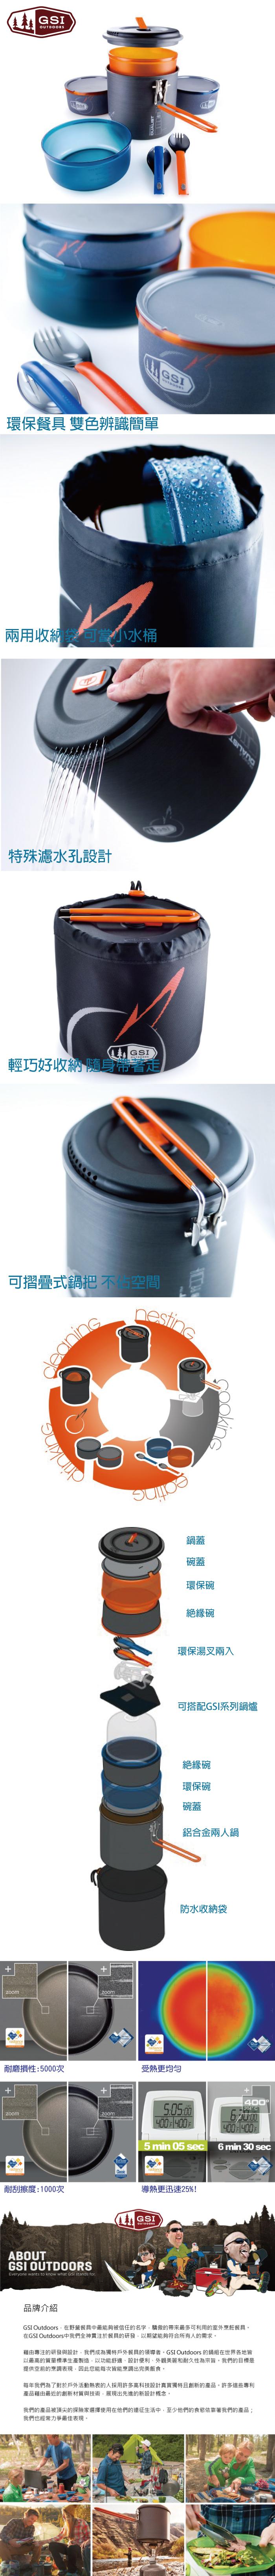 (複製)美國GSI|Halulite Minimalist 陽極氧化鋁合金個人鍋組含湯叉